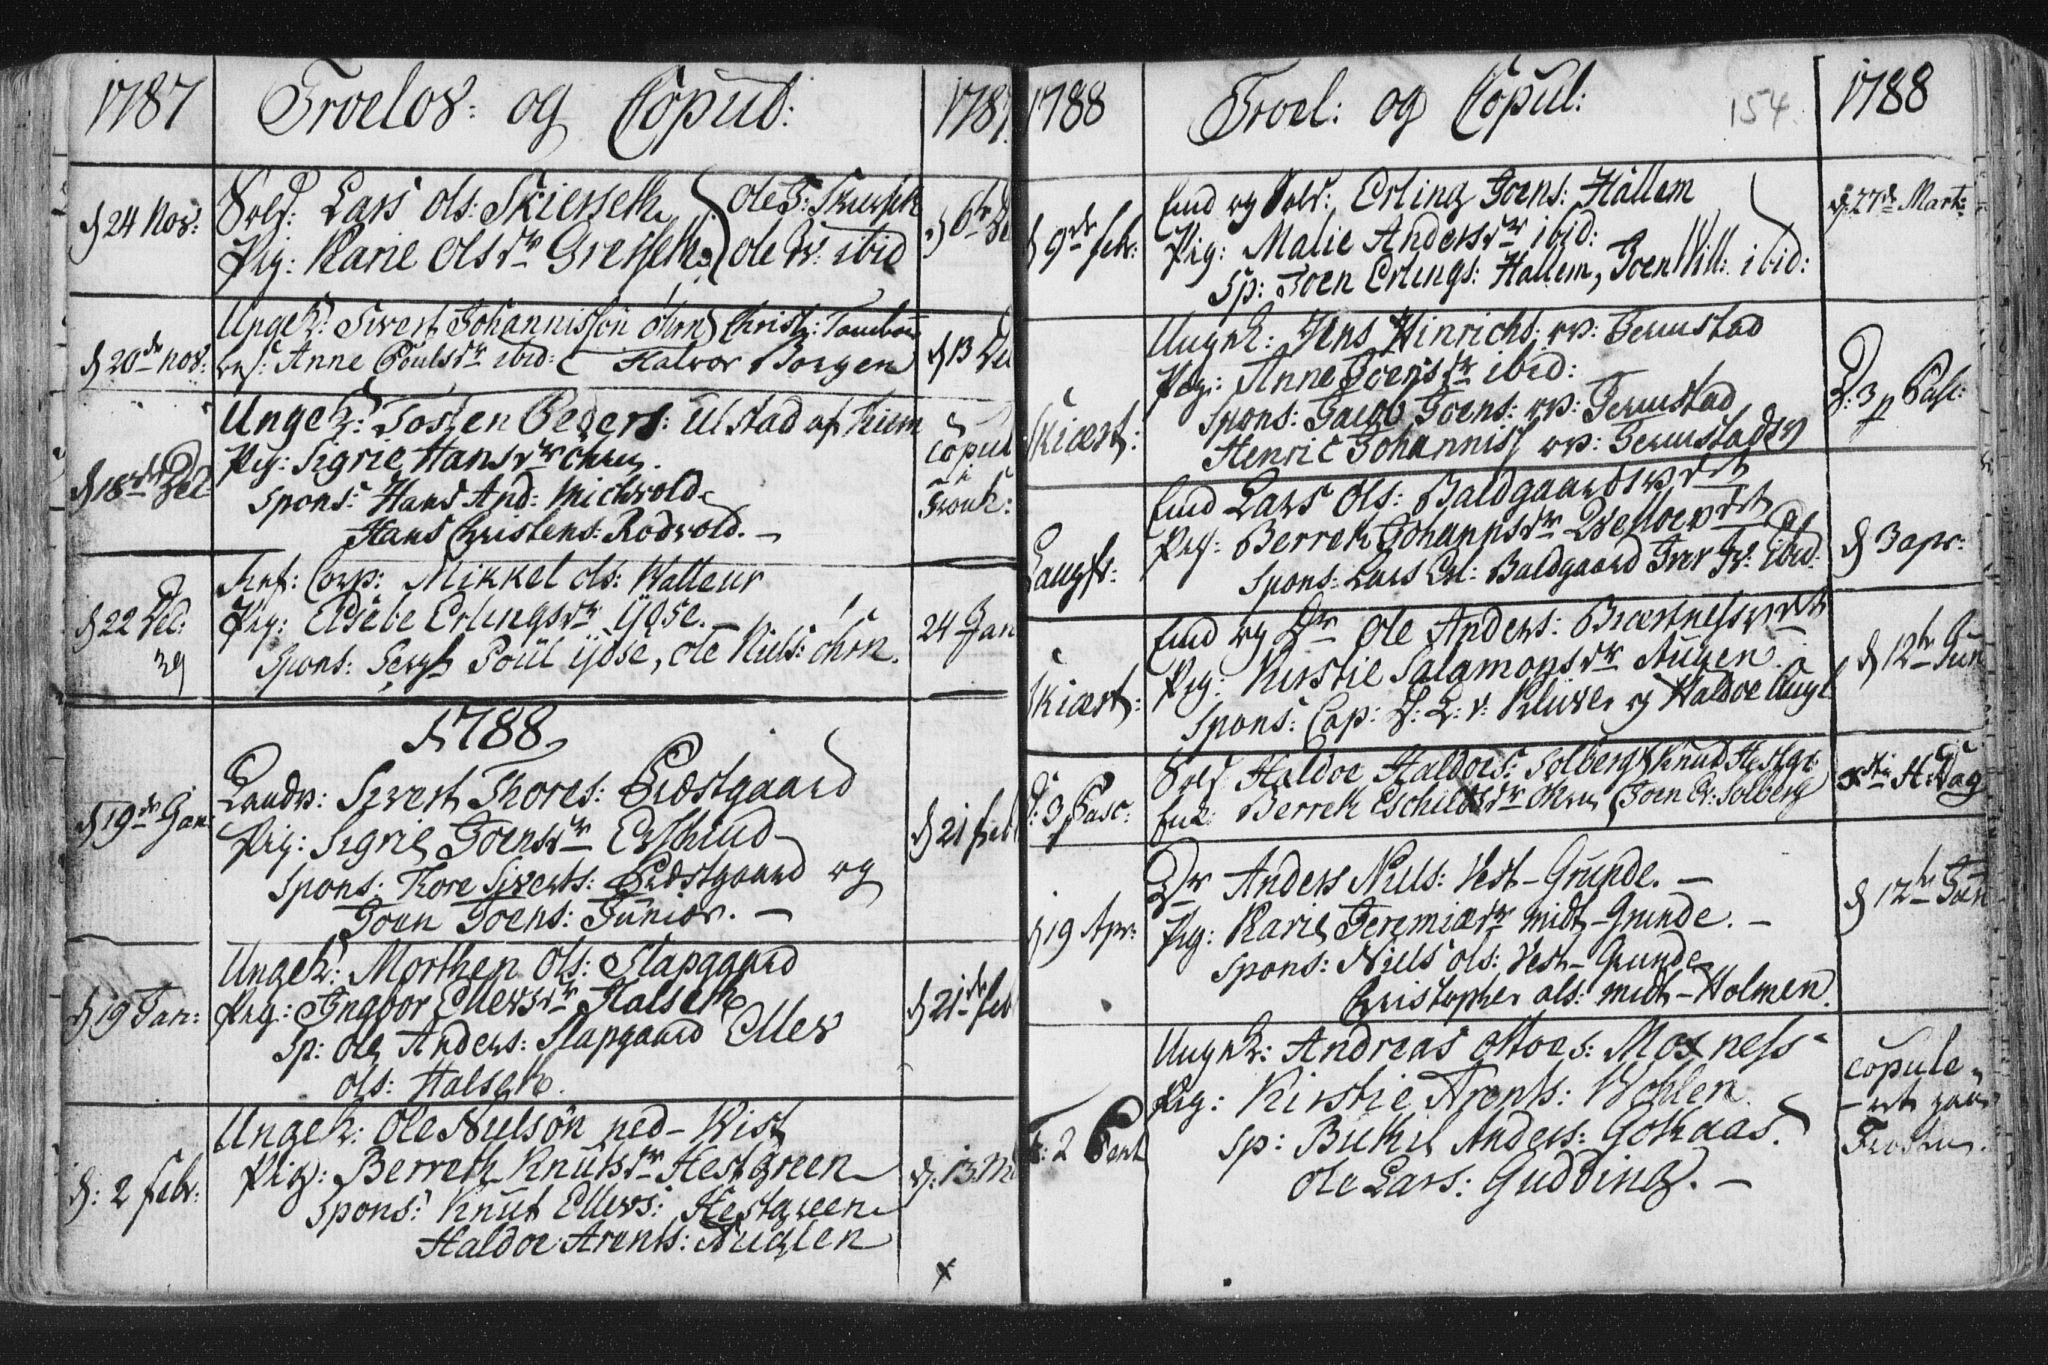 SAT, Ministerialprotokoller, klokkerbøker og fødselsregistre - Nord-Trøndelag, 723/L0232: Ministerialbok nr. 723A03, 1781-1804, s. 154